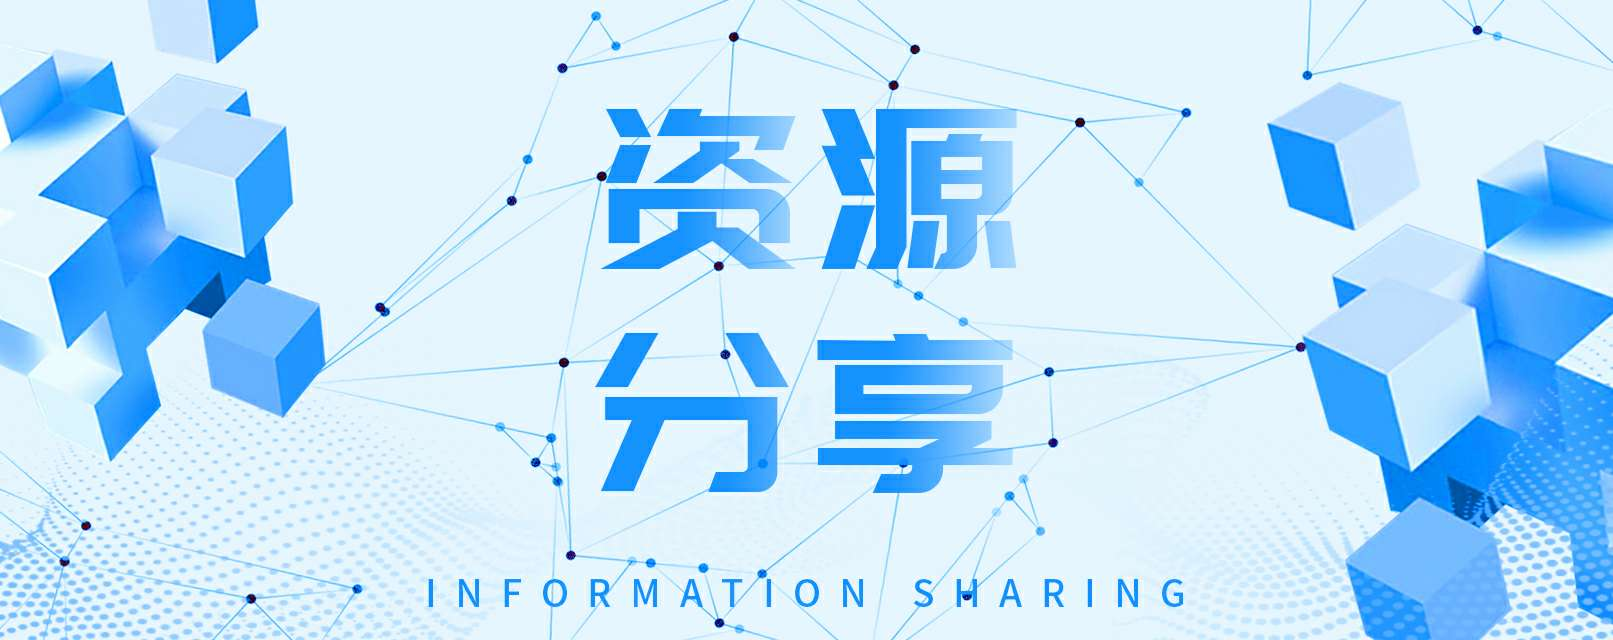 【资源分享】鲨鱼磁力链接【搜索】